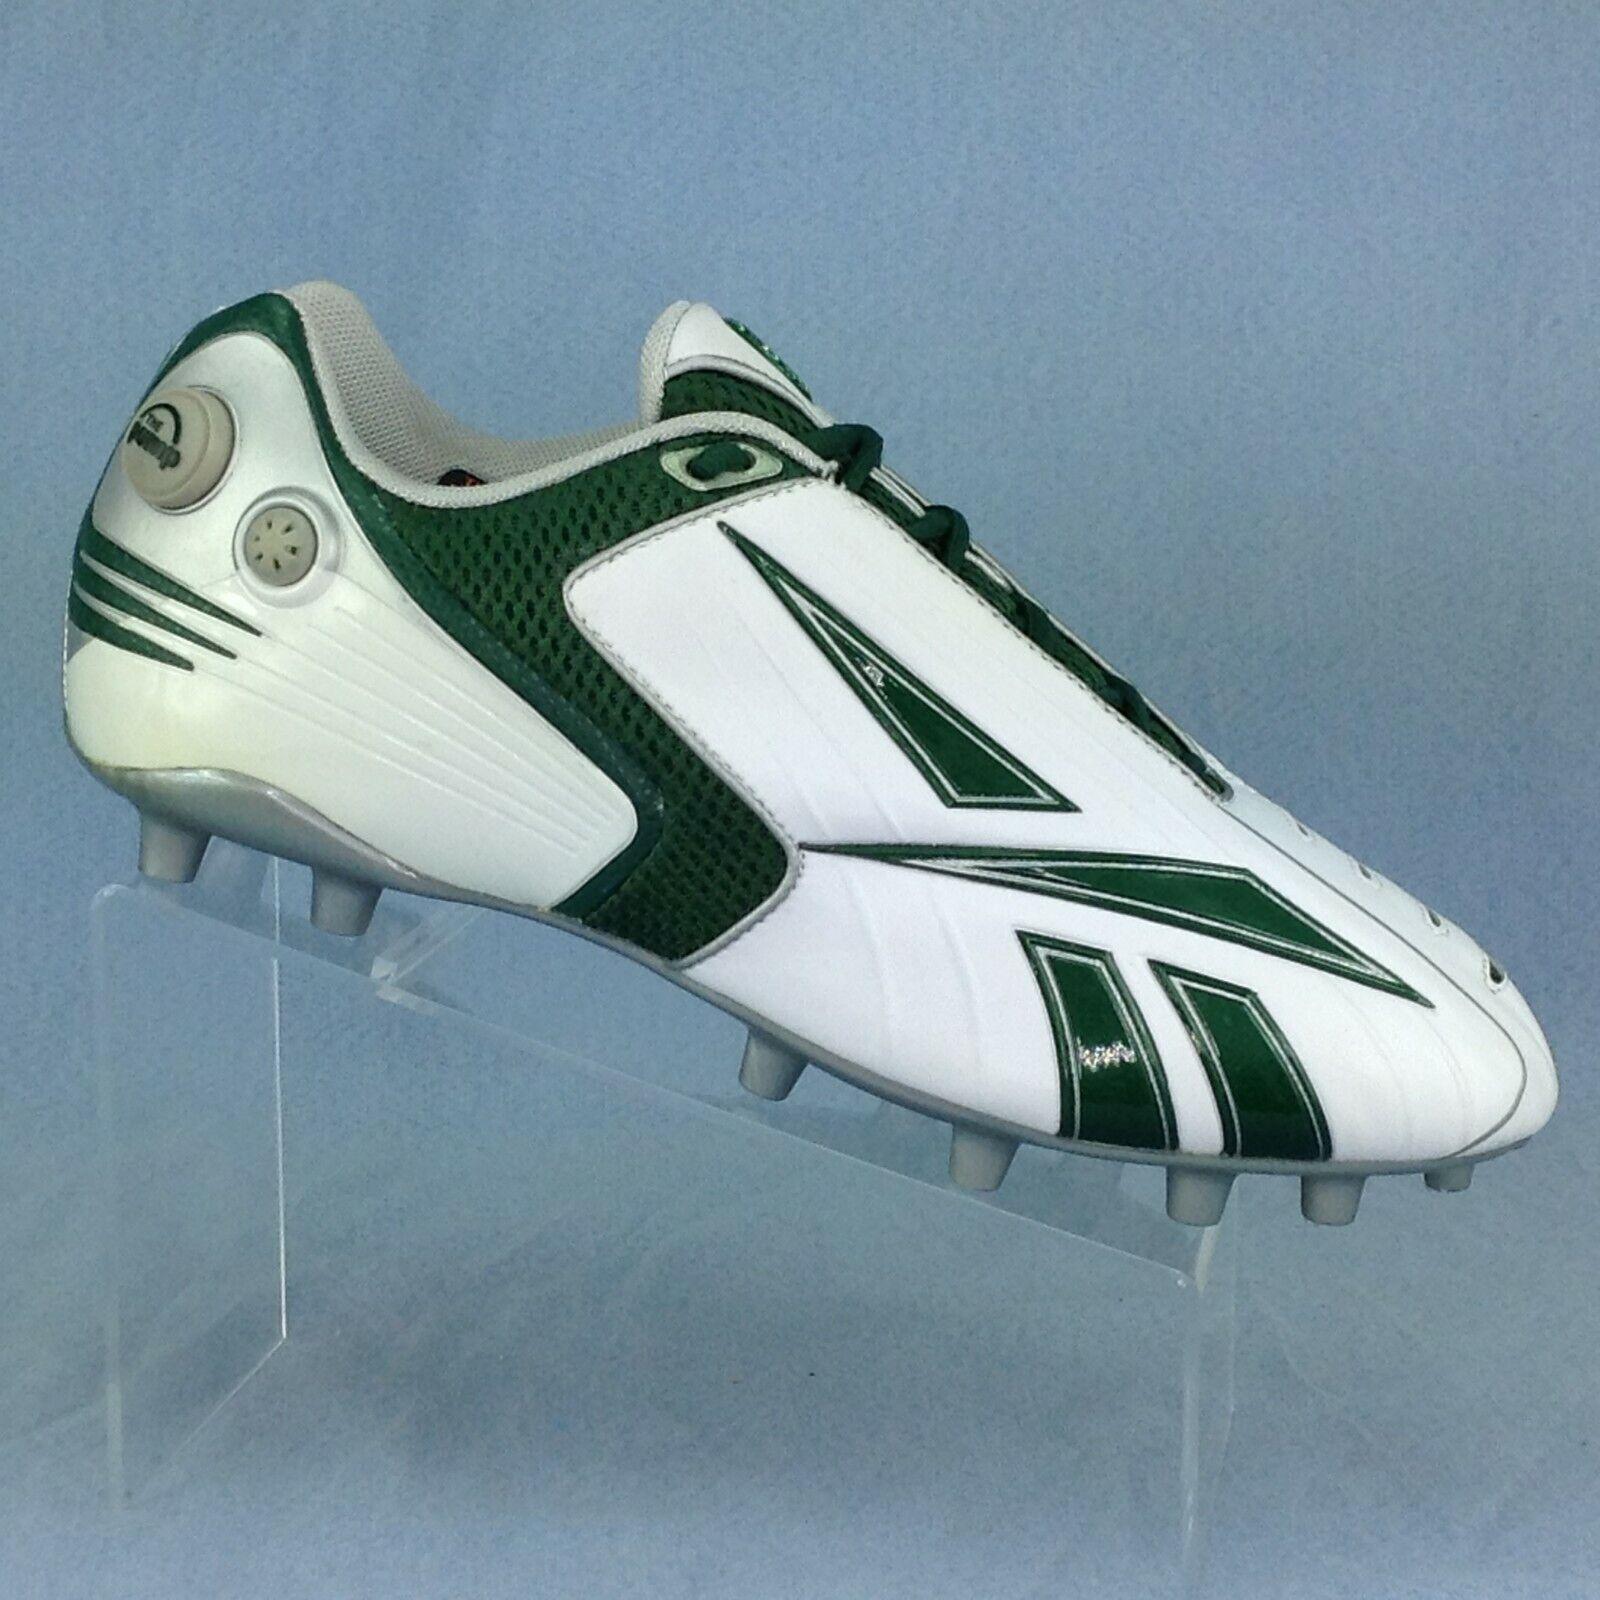 Reebok Mens Football Shoes 20-875043-a